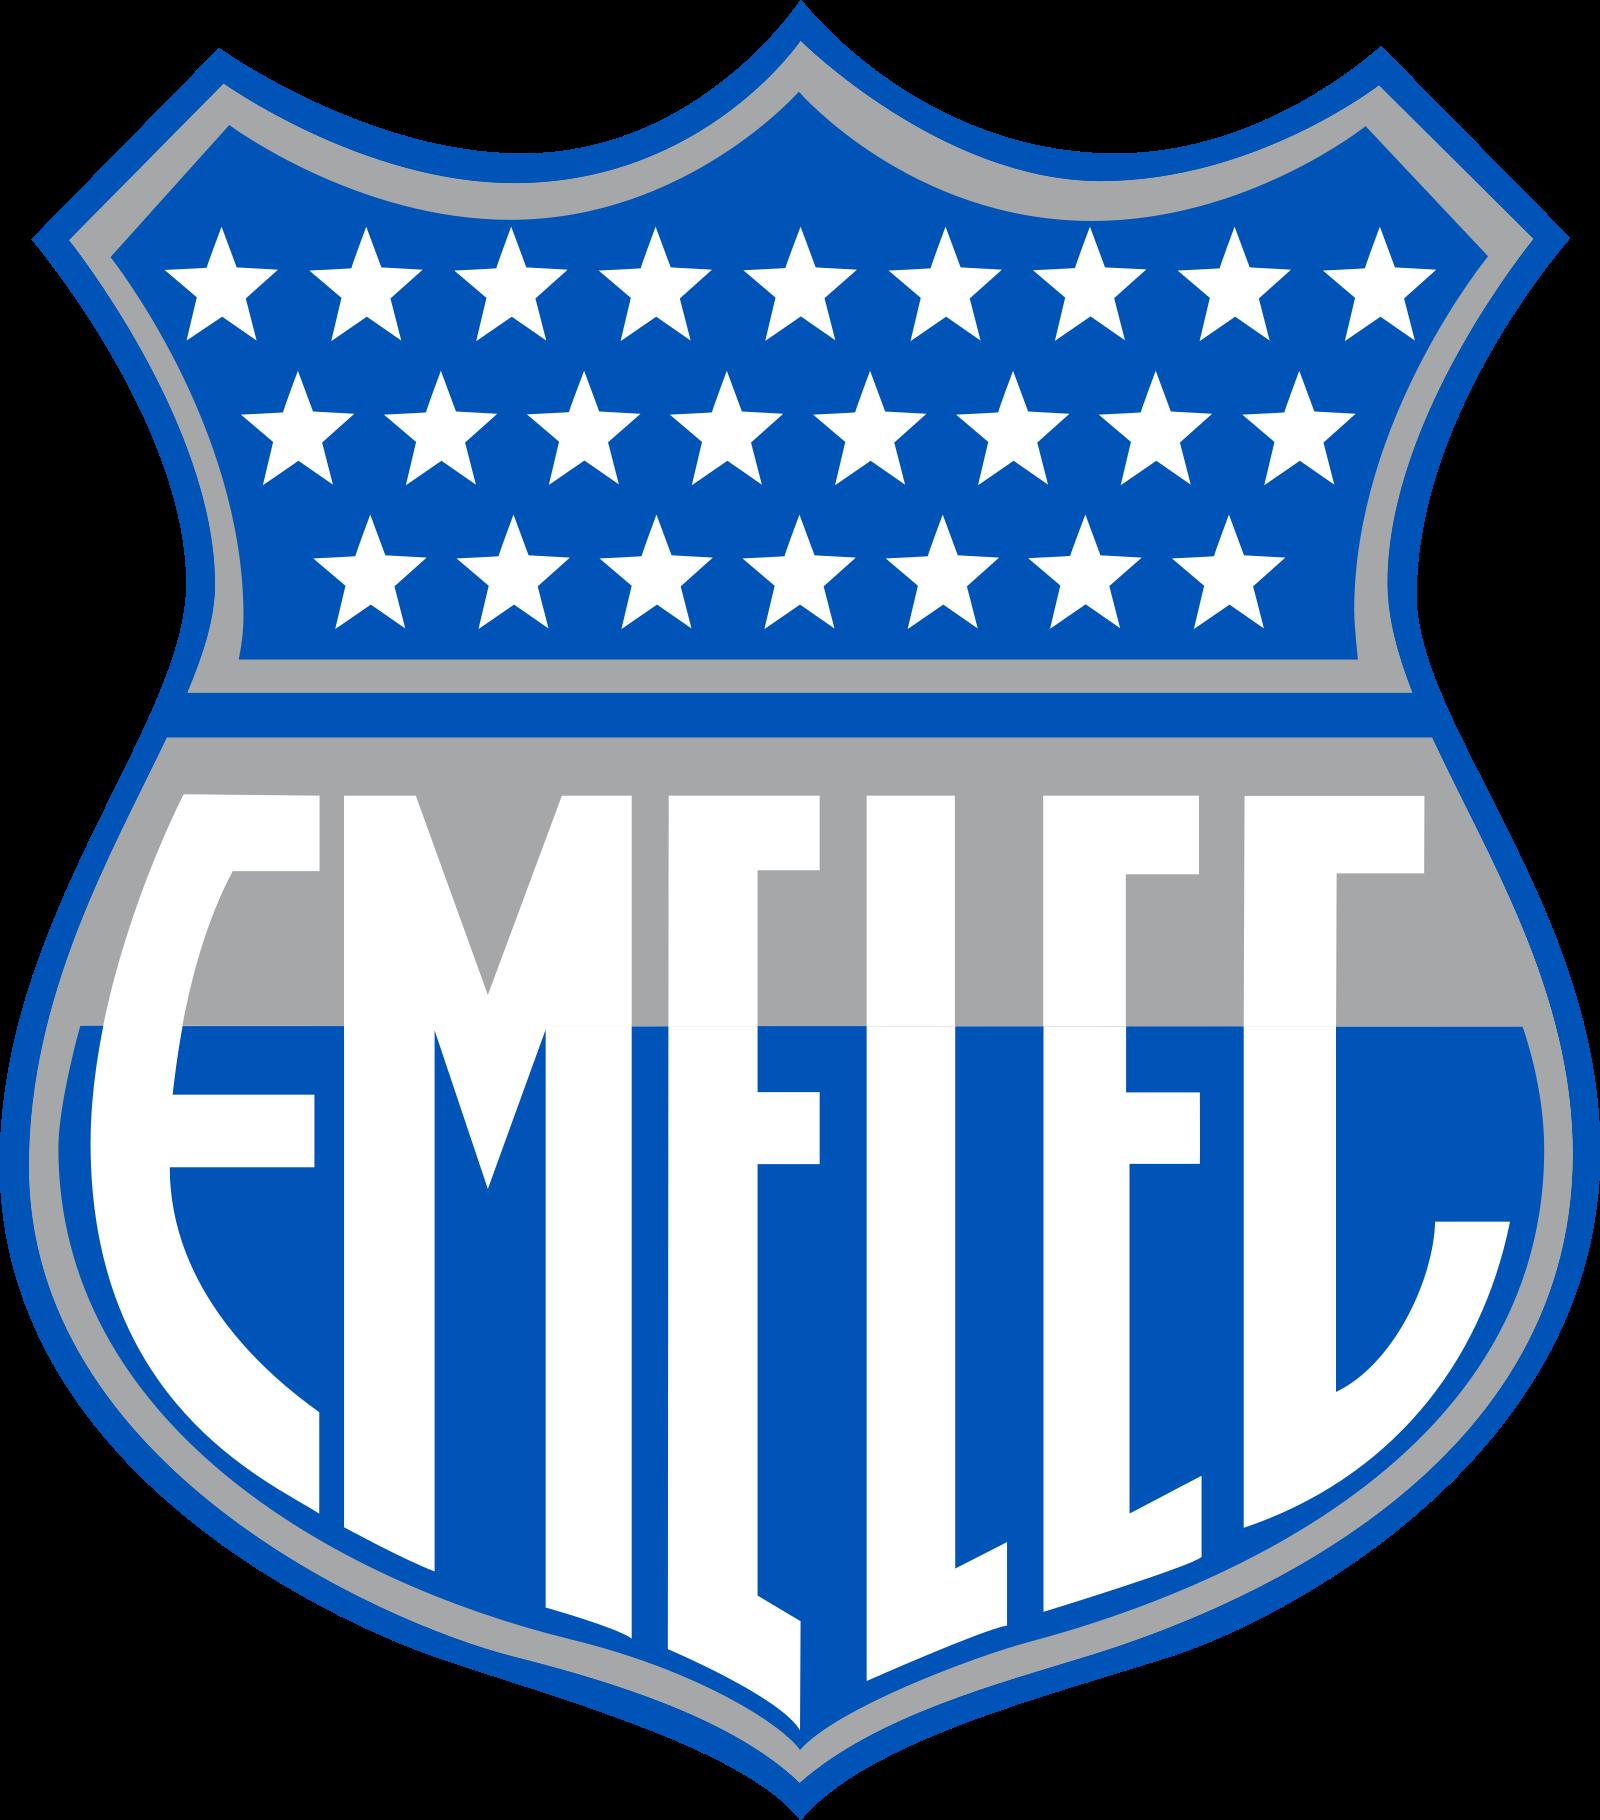 emelec logo escudo 2 - Club Sport Emelec Logo - Escudo